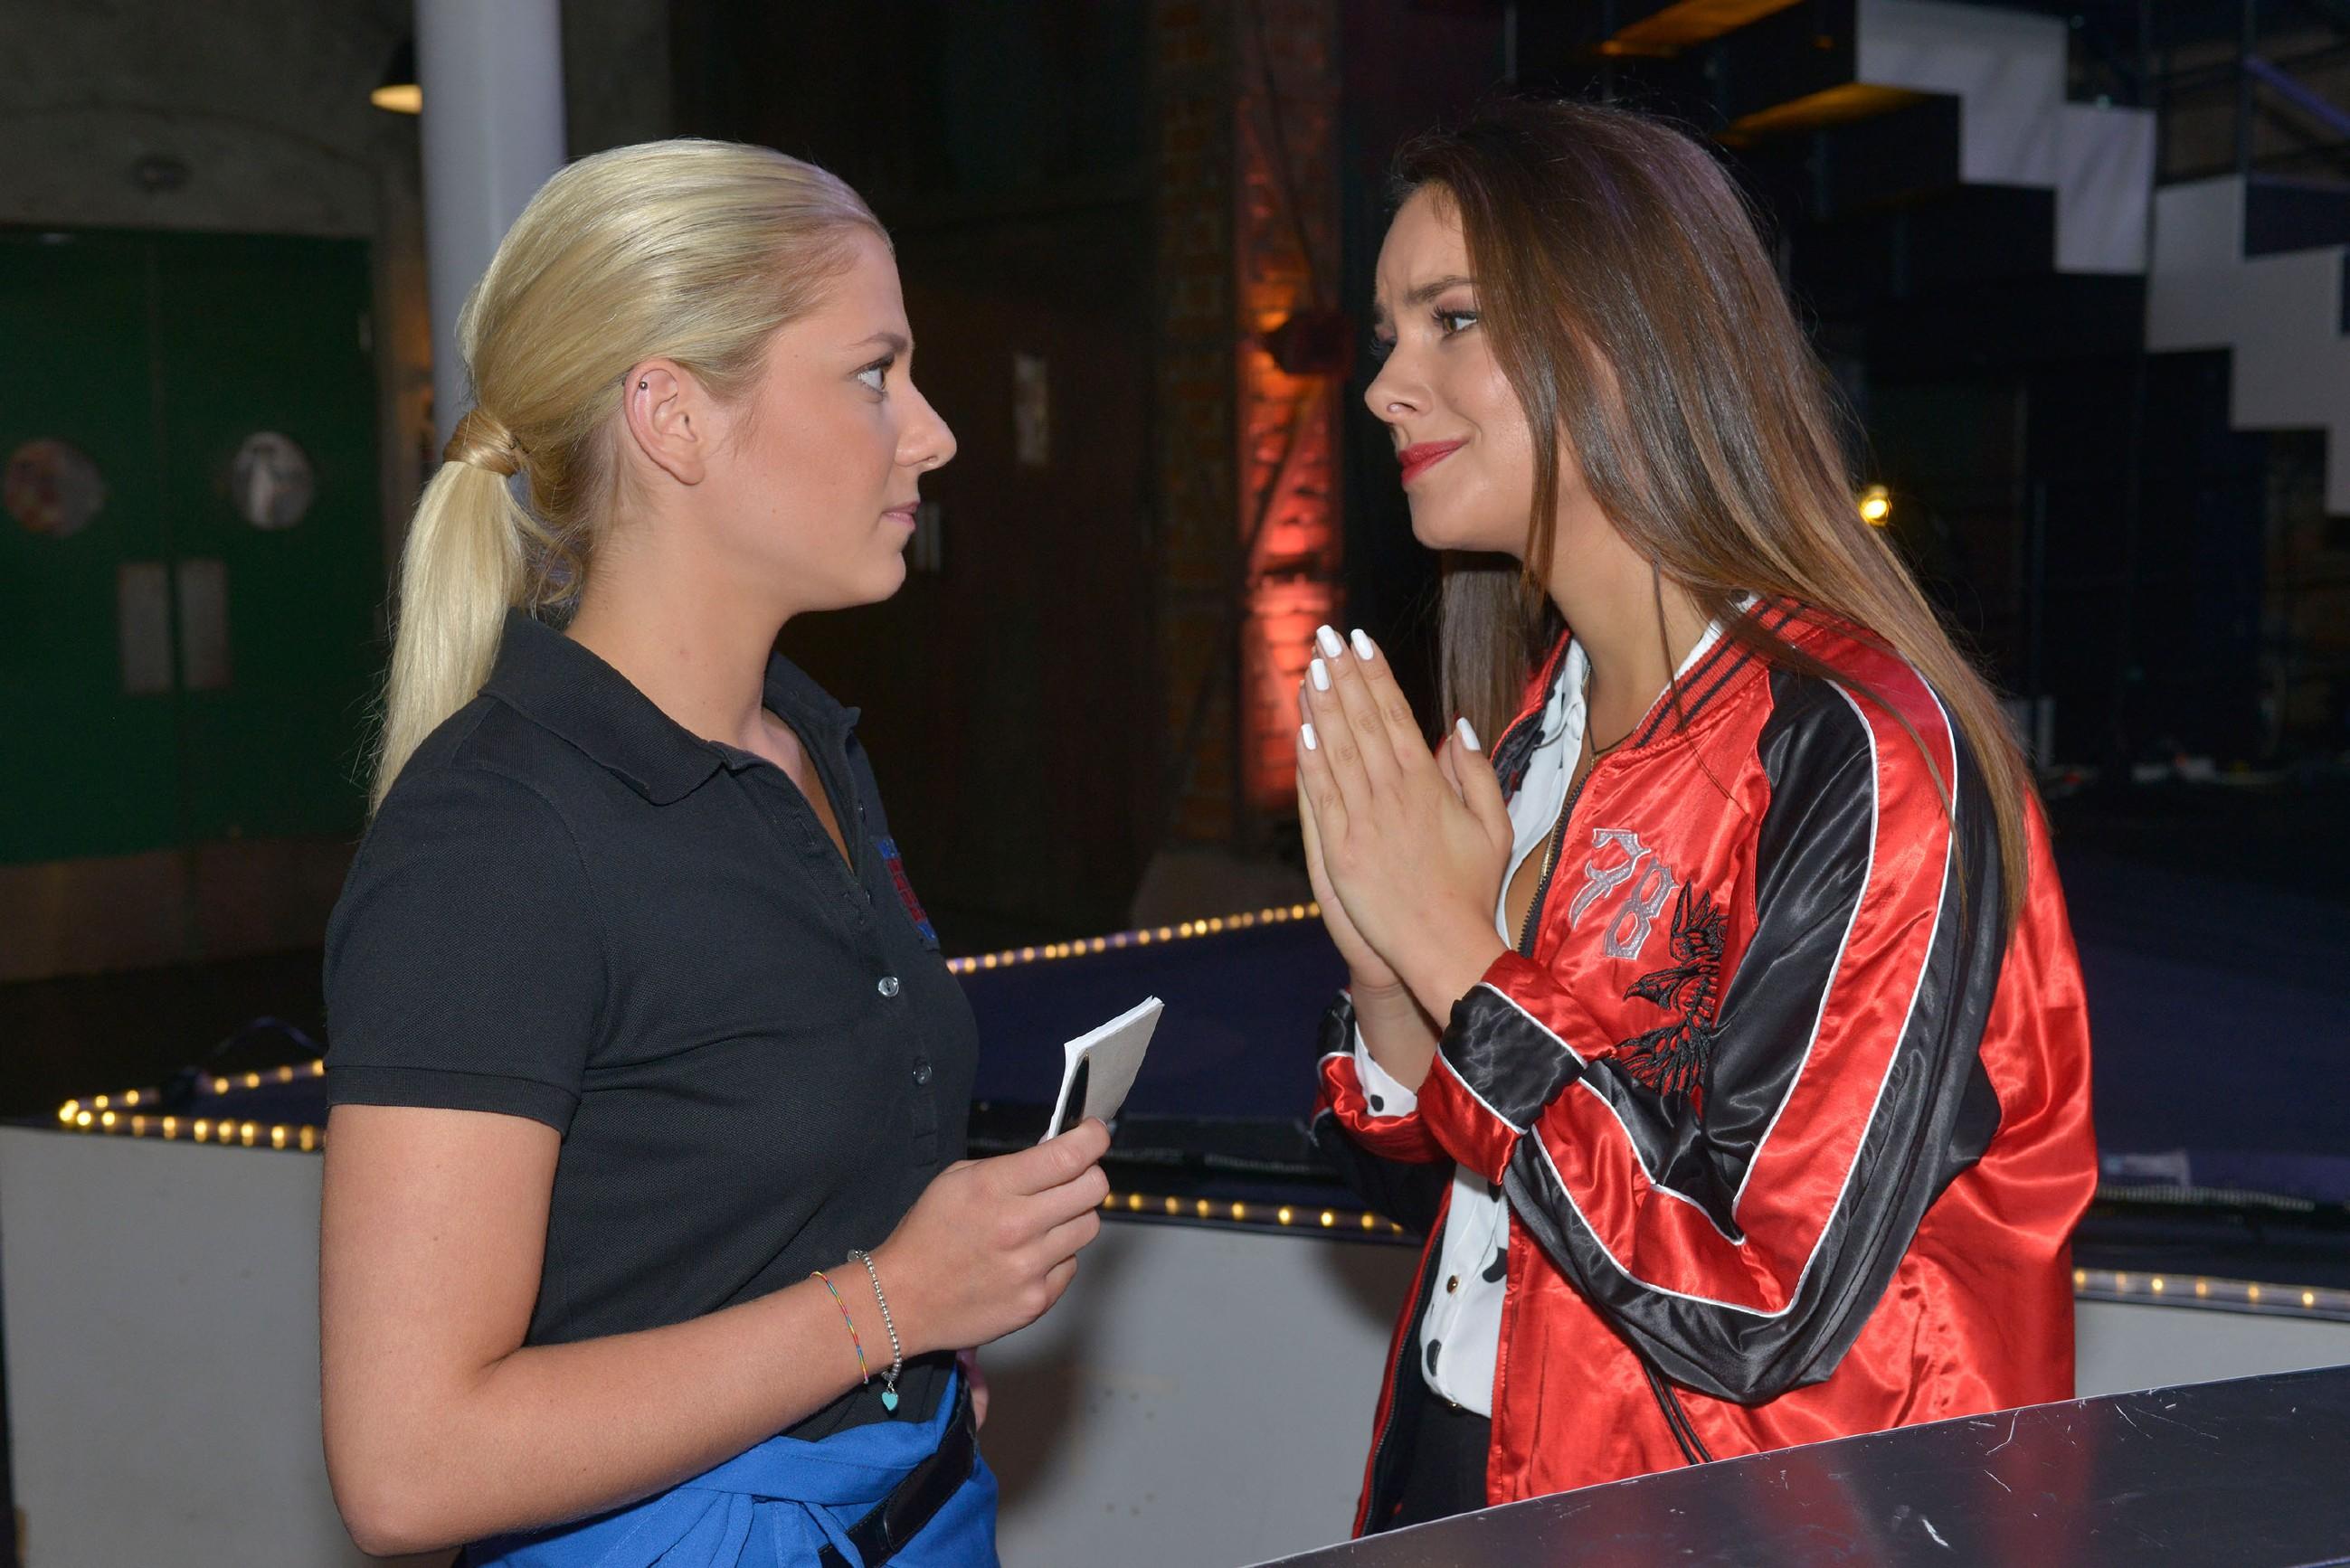 Jasmin (Janina Uhse, r.) bittet Sunny (Valentina Pahde) inständig, ihr bei der anstehenden Arbeit für Tussi Attack zu helfen. (Quelle: RTL / Rolf Baumgartner)